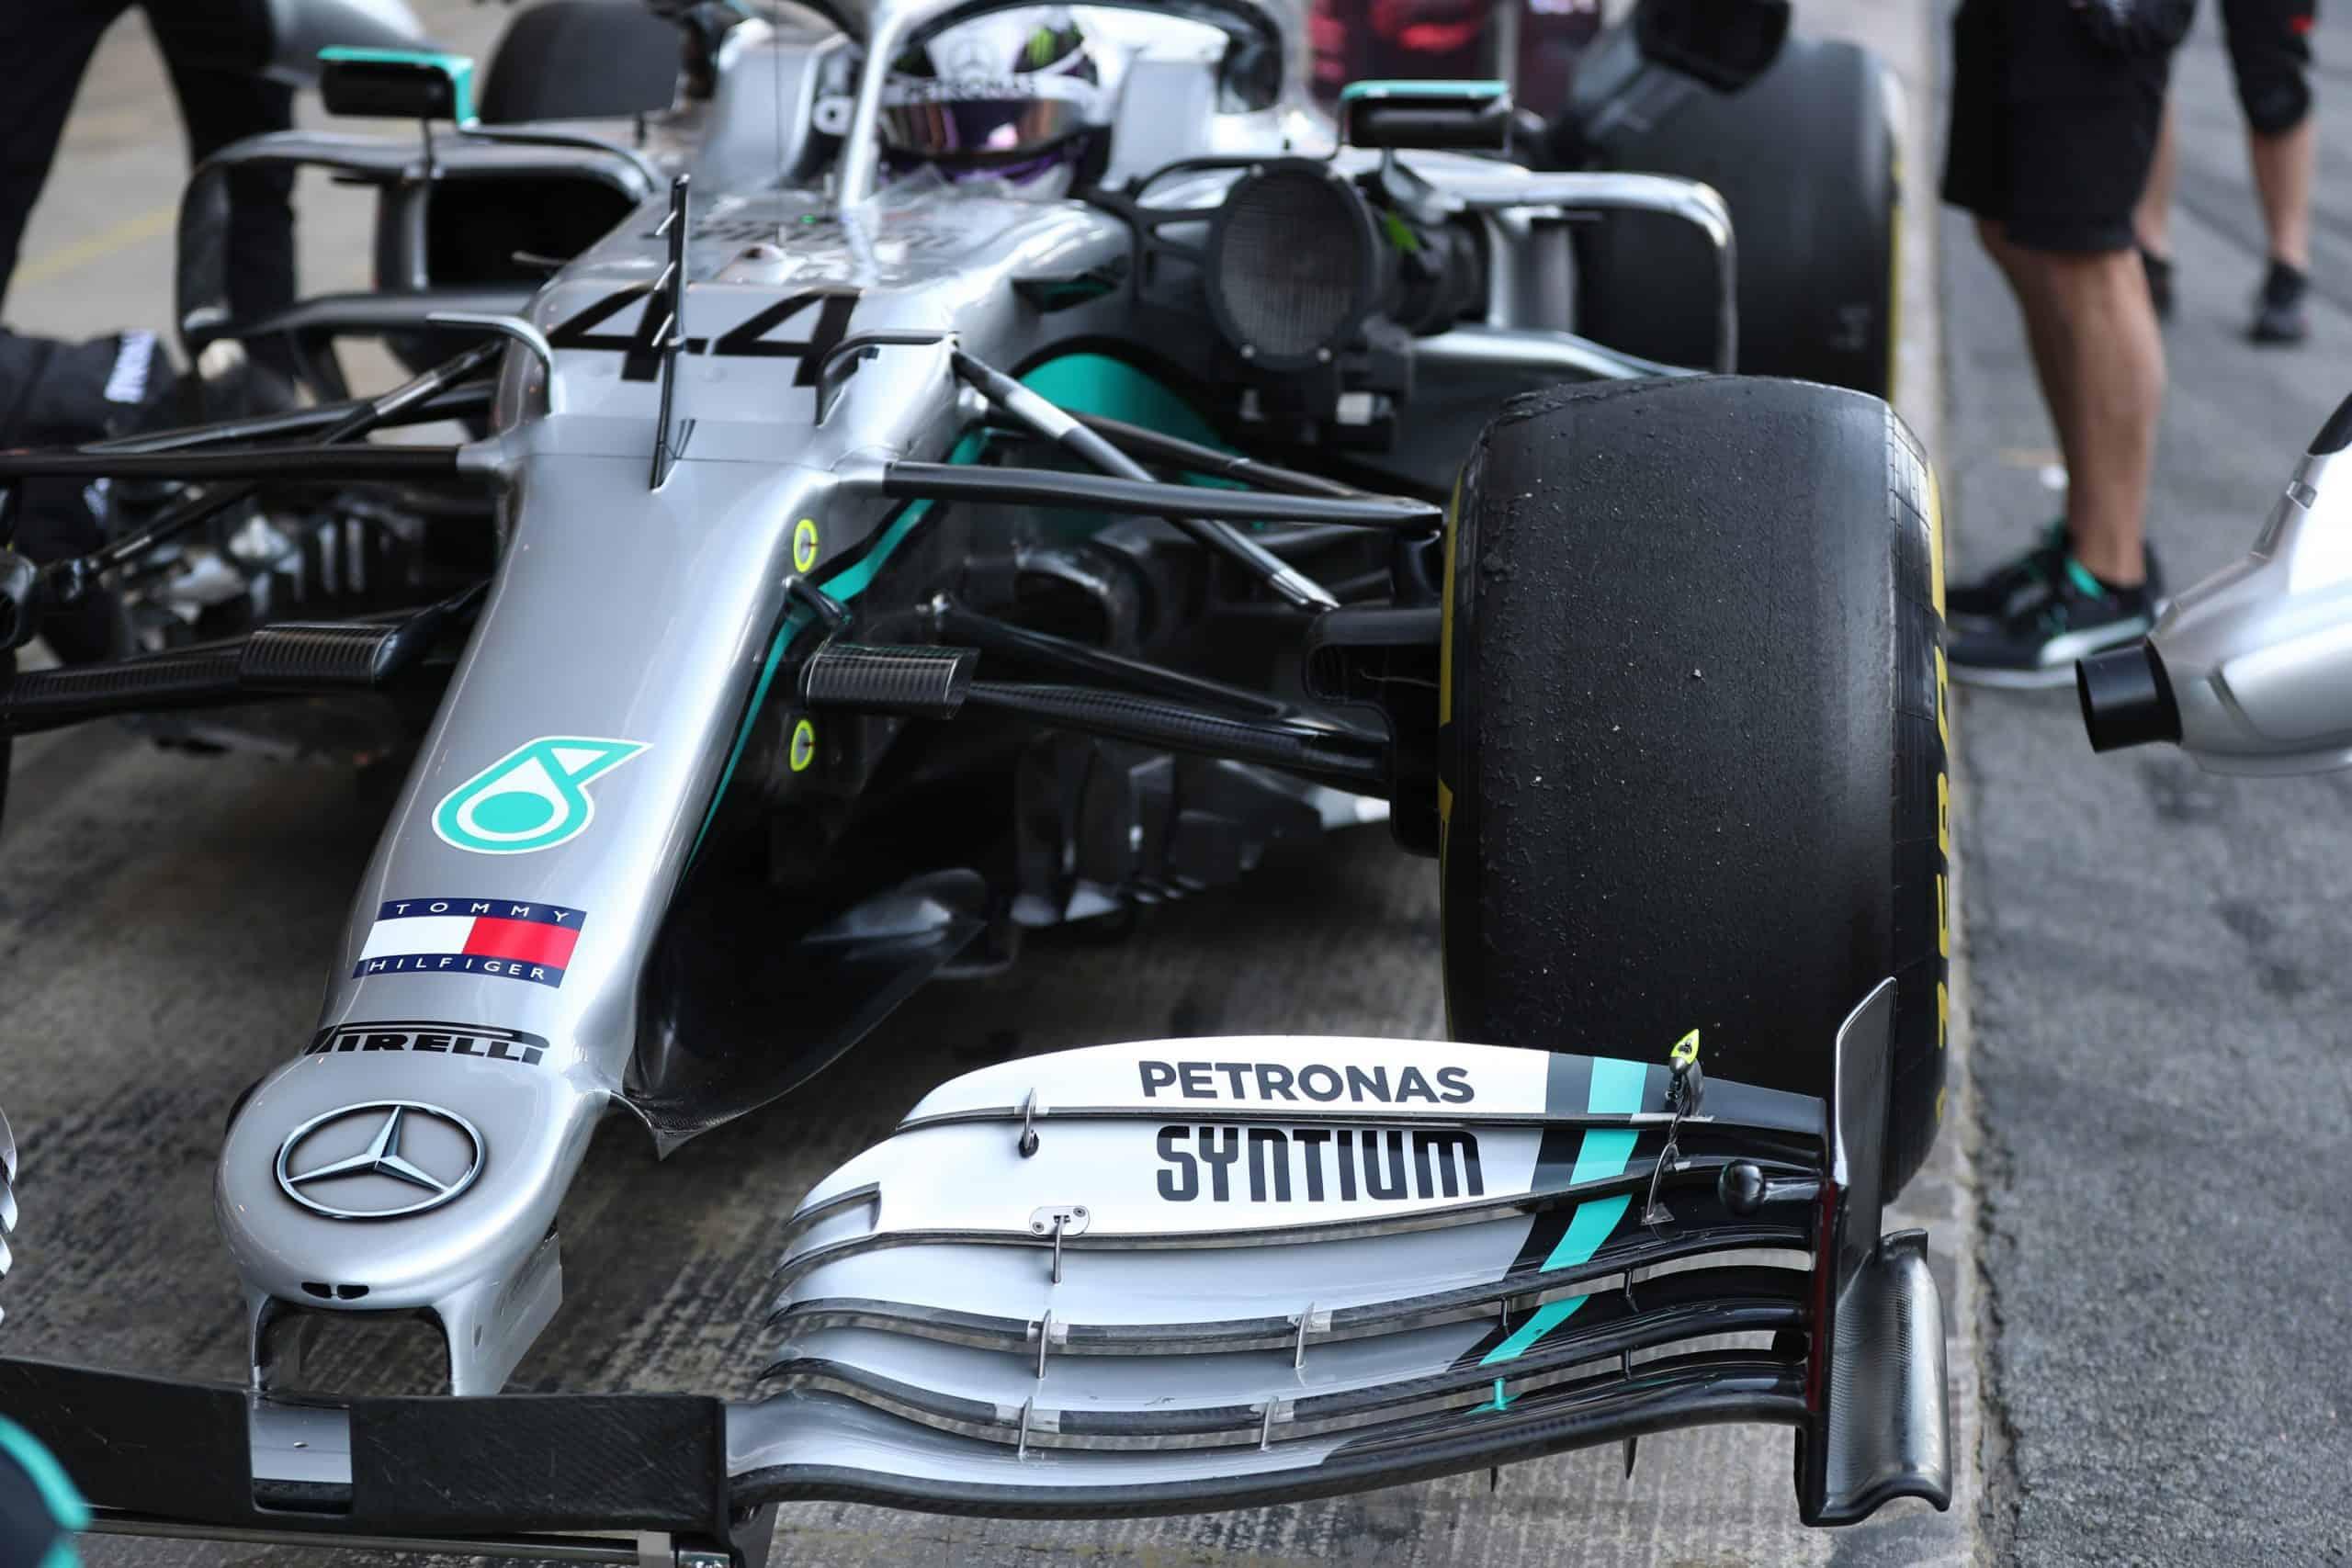 Formula 1: Sistem stereng baharu Mercedes dilarang mulai 2021